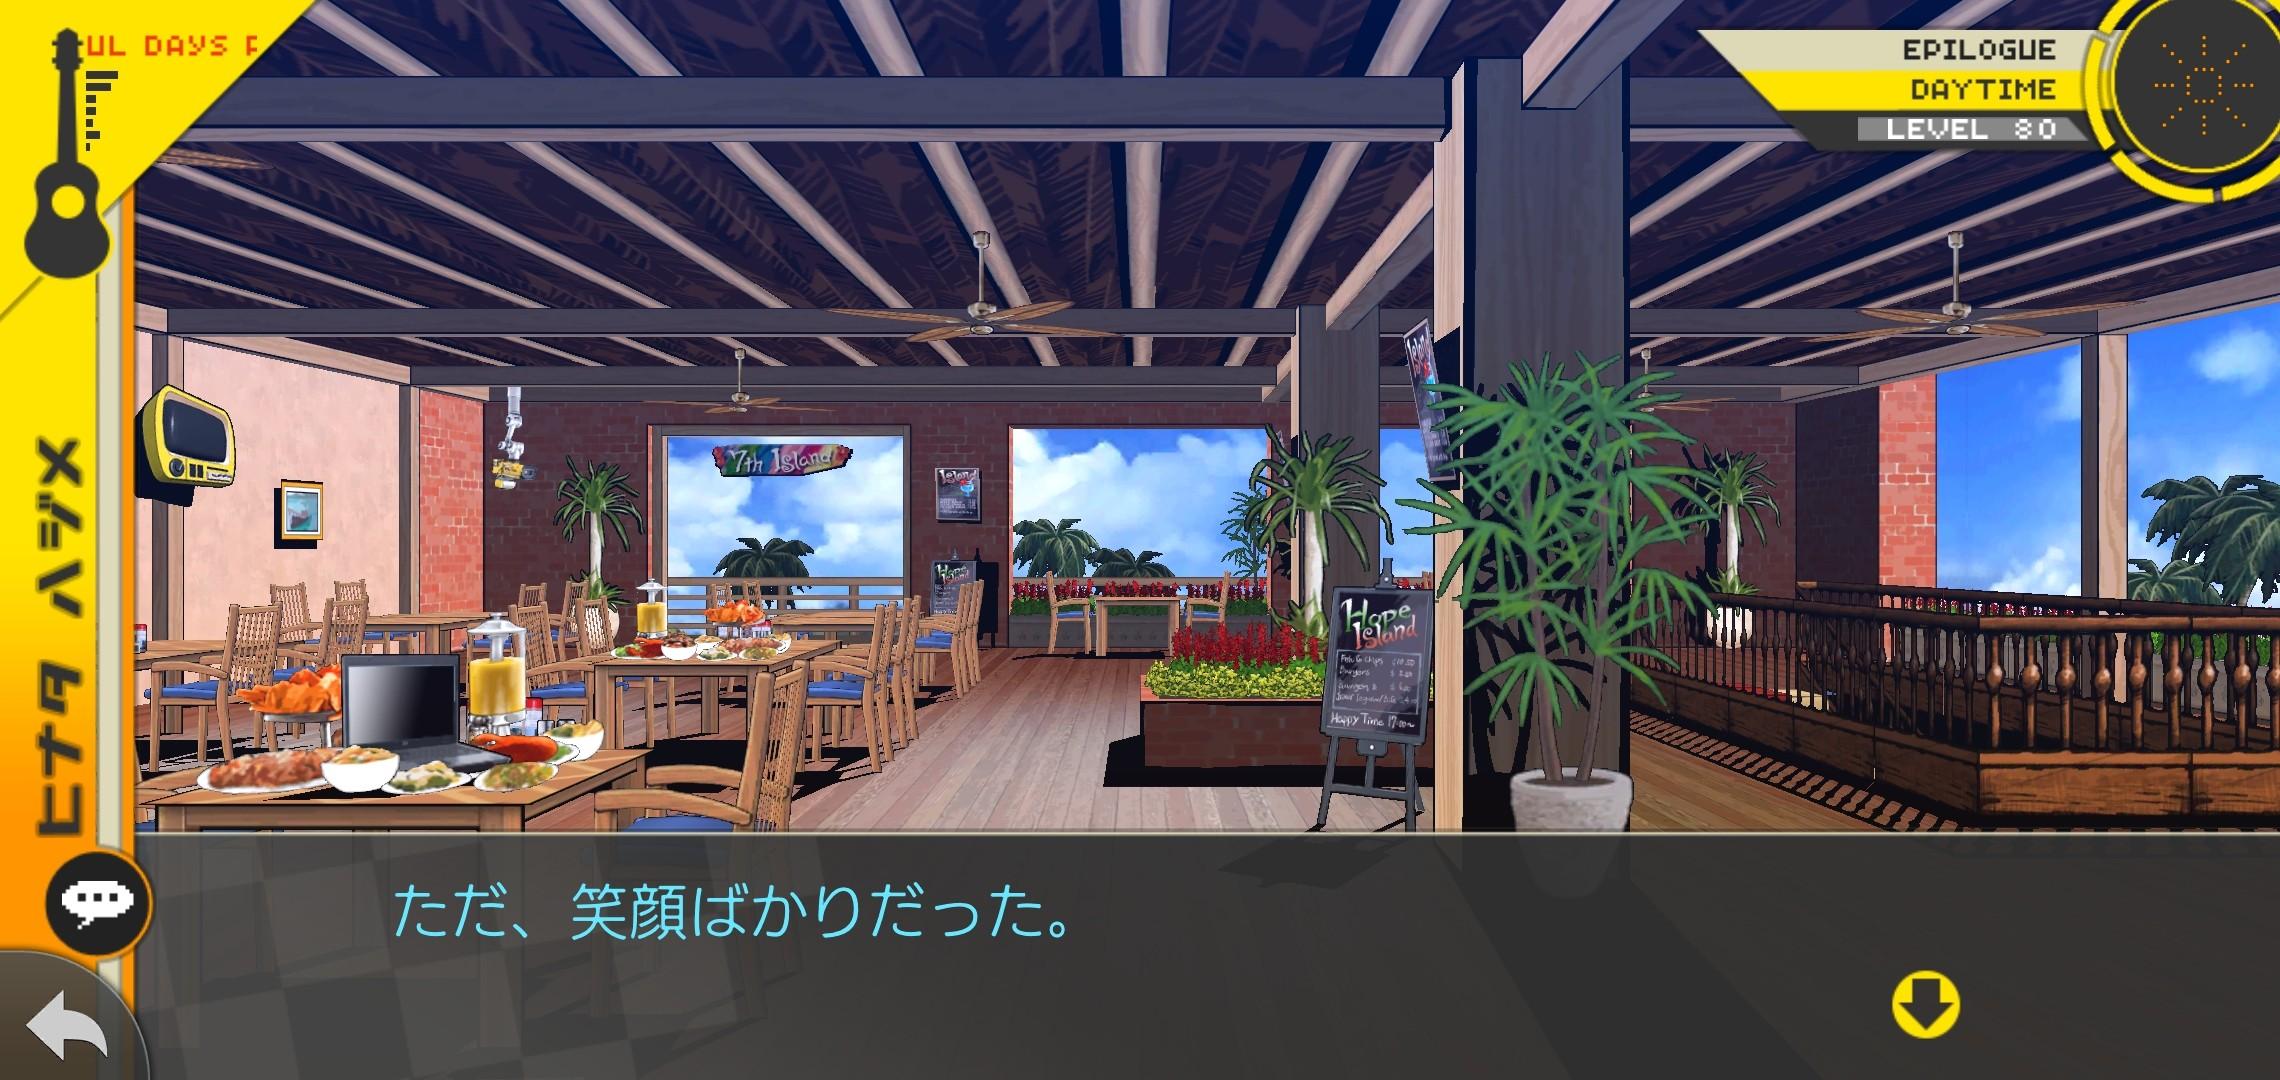 f:id:Rinburu:20201207225209j:plain